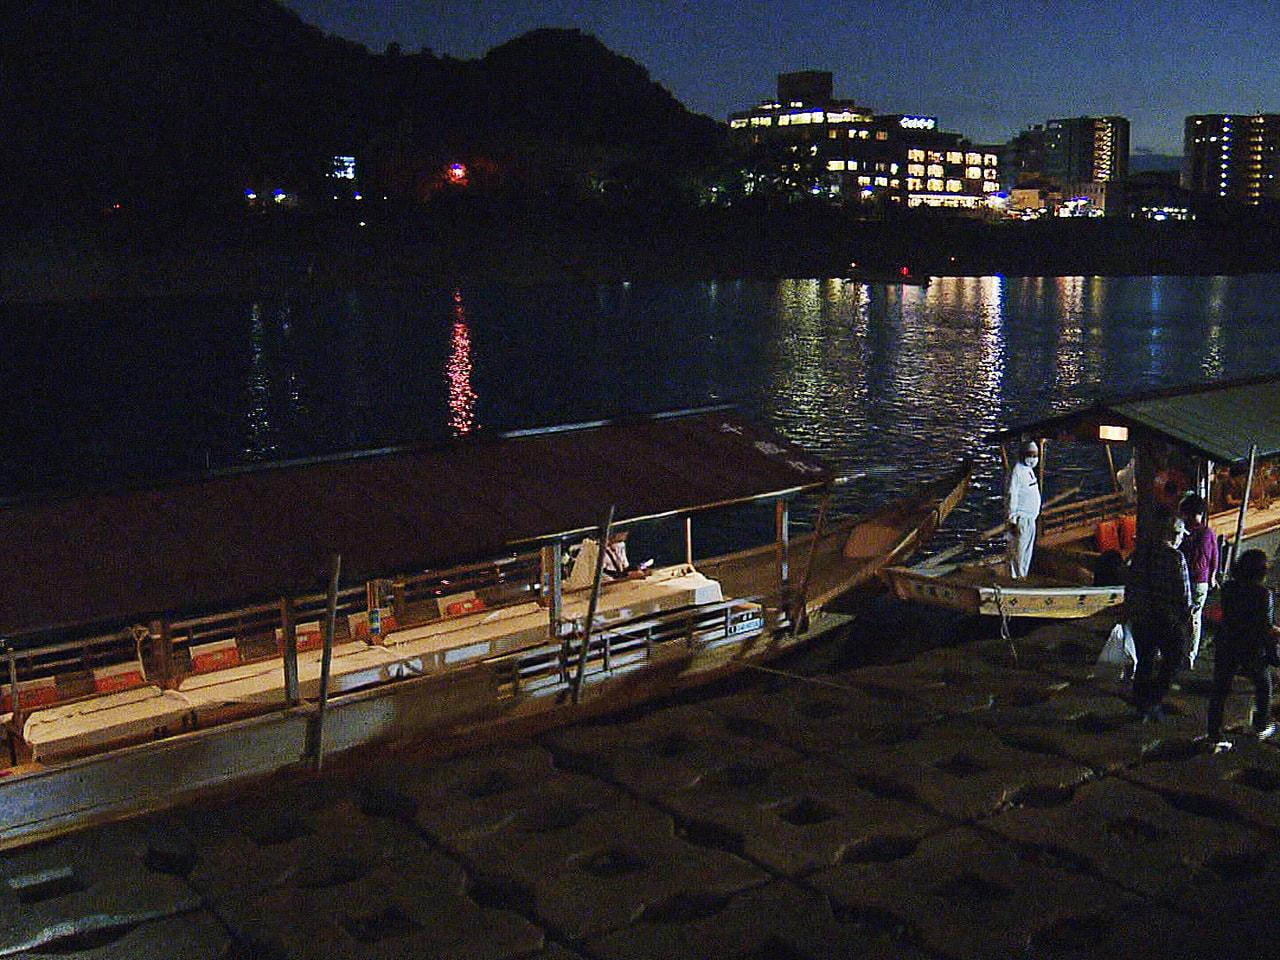 岐阜市の長良川鵜飼を川岸に停泊した観覧船から楽しむ「水上座敷」が人気を呼んでいま...